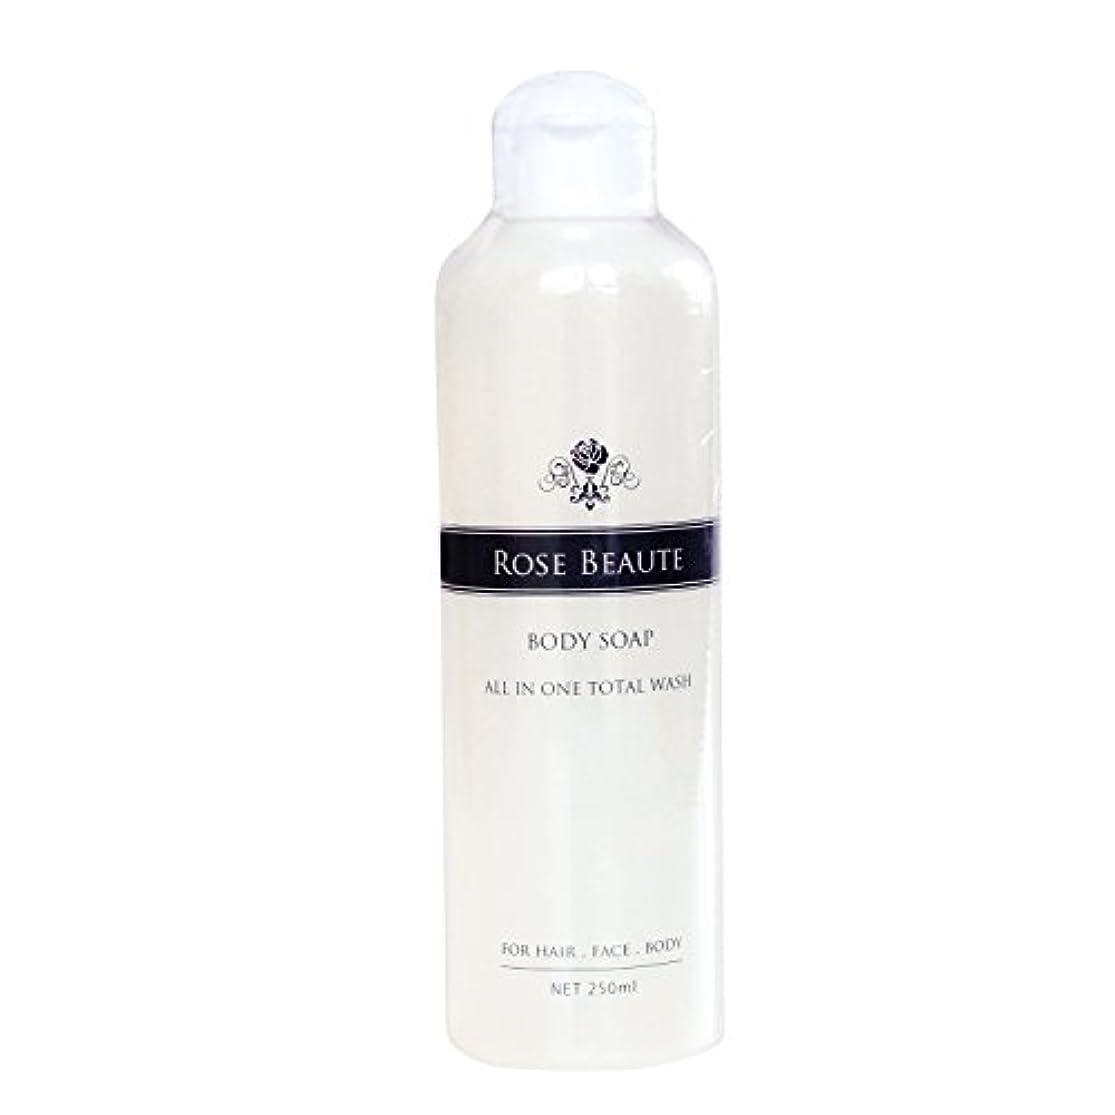 病者品揃え普遍的なRose Beaute(ロサボーテ) 無添加 ノンシリコン ボディーソープ (髪?顔?からだ用) ボトル 250ml 全身シャンプー 日本製